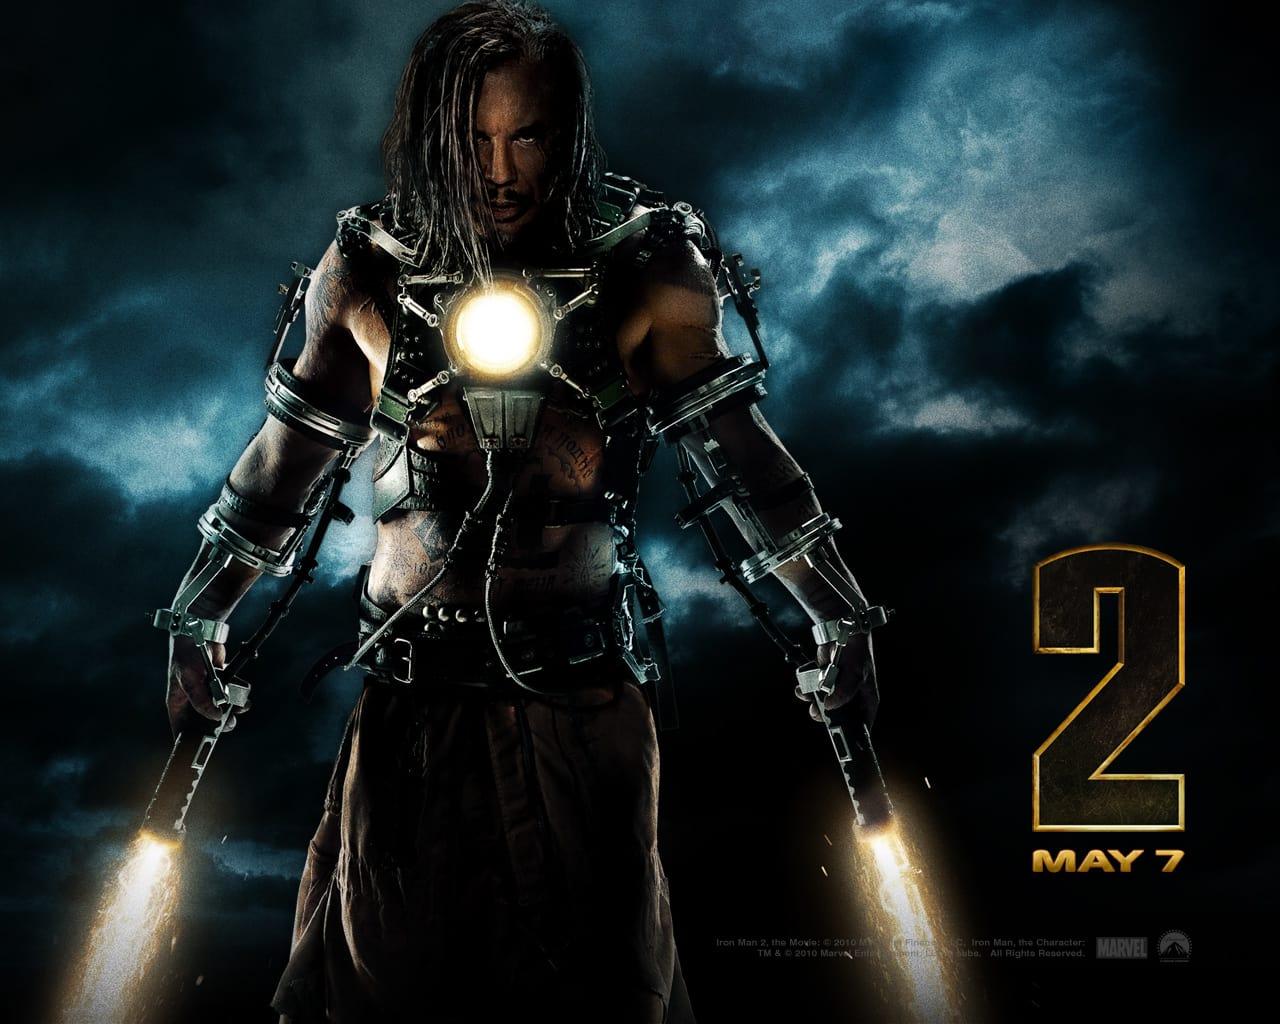 Iron Man 2 Wallpaper: Whiplash